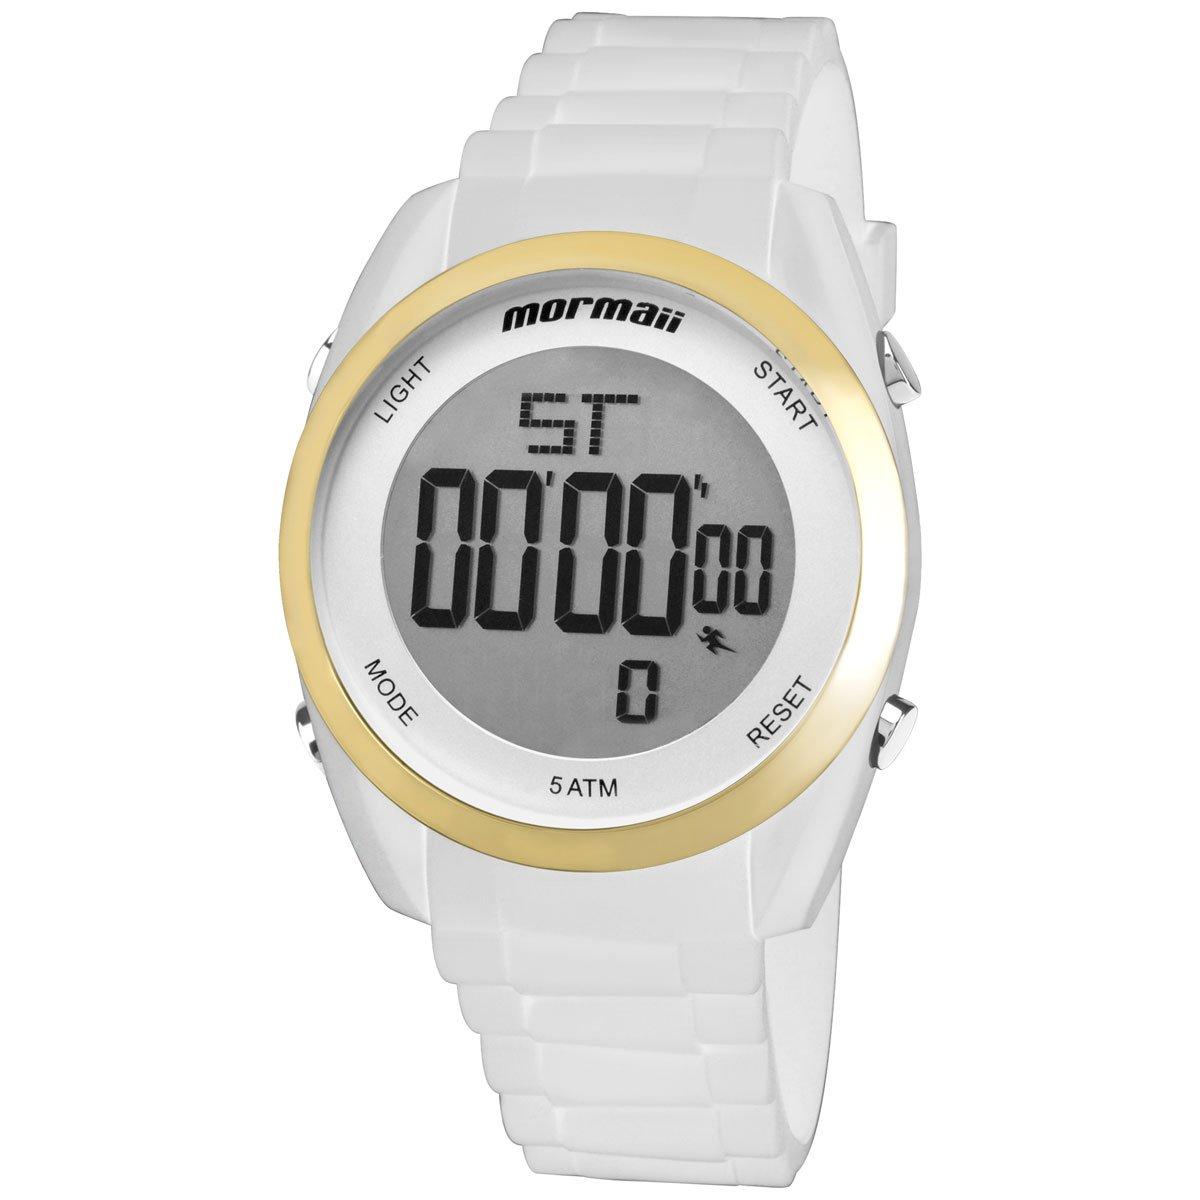 3d0d6755c4a Relógio Masculino Mormaii MO2035DT 4C - Compre Agora